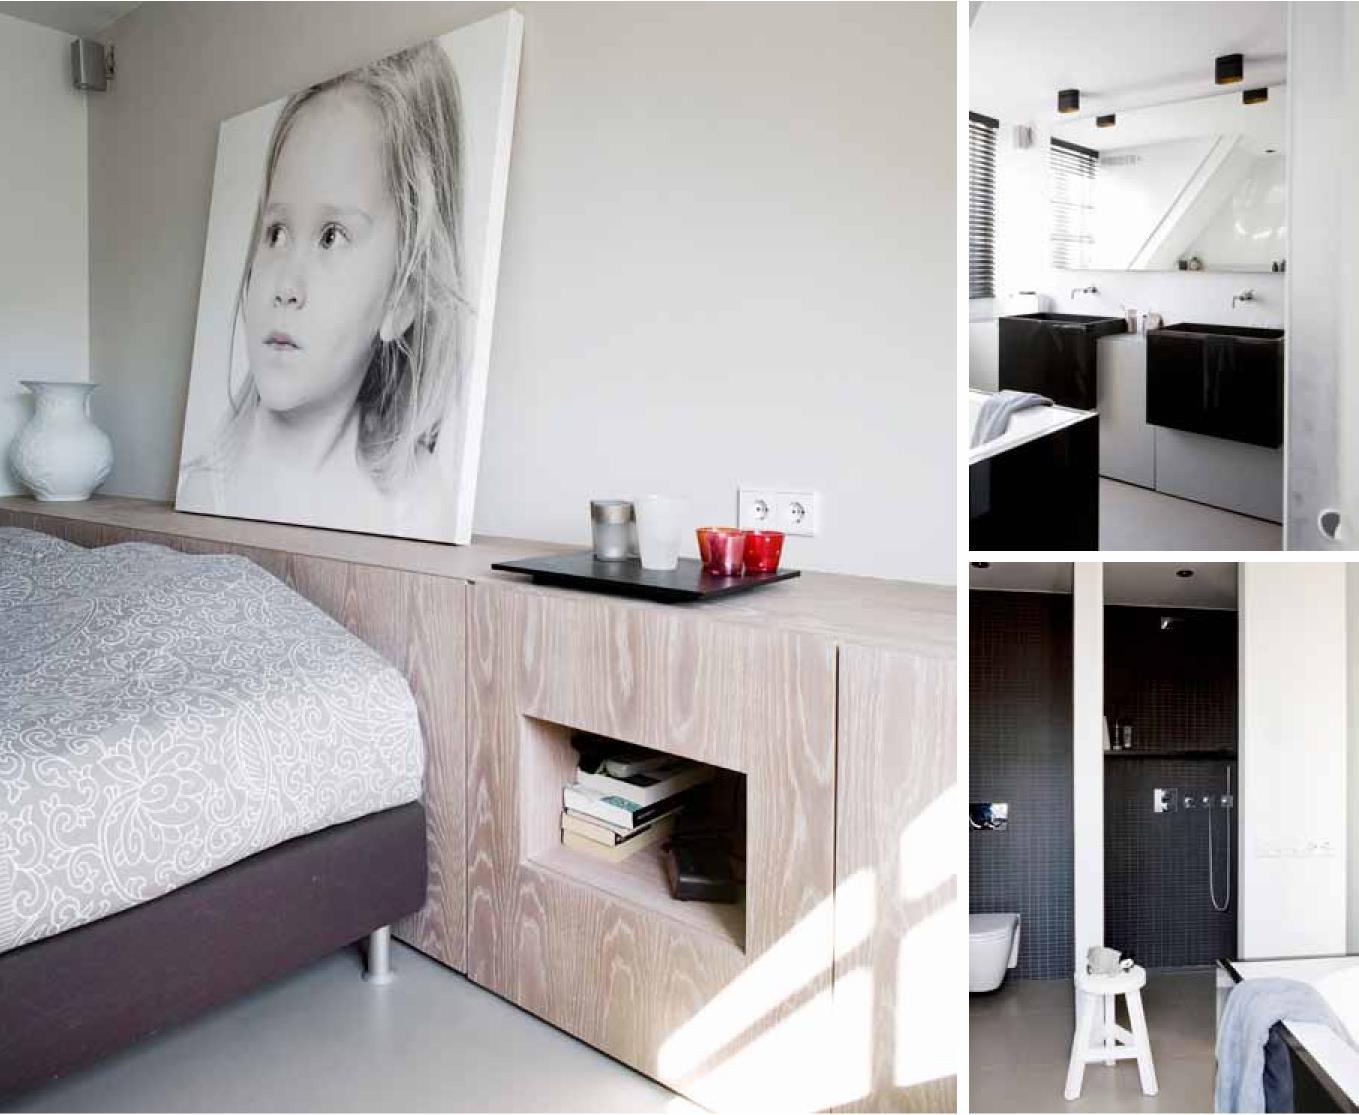 Aarding Badkamer Belgie : Aarding badkamer hd image full wallpapers